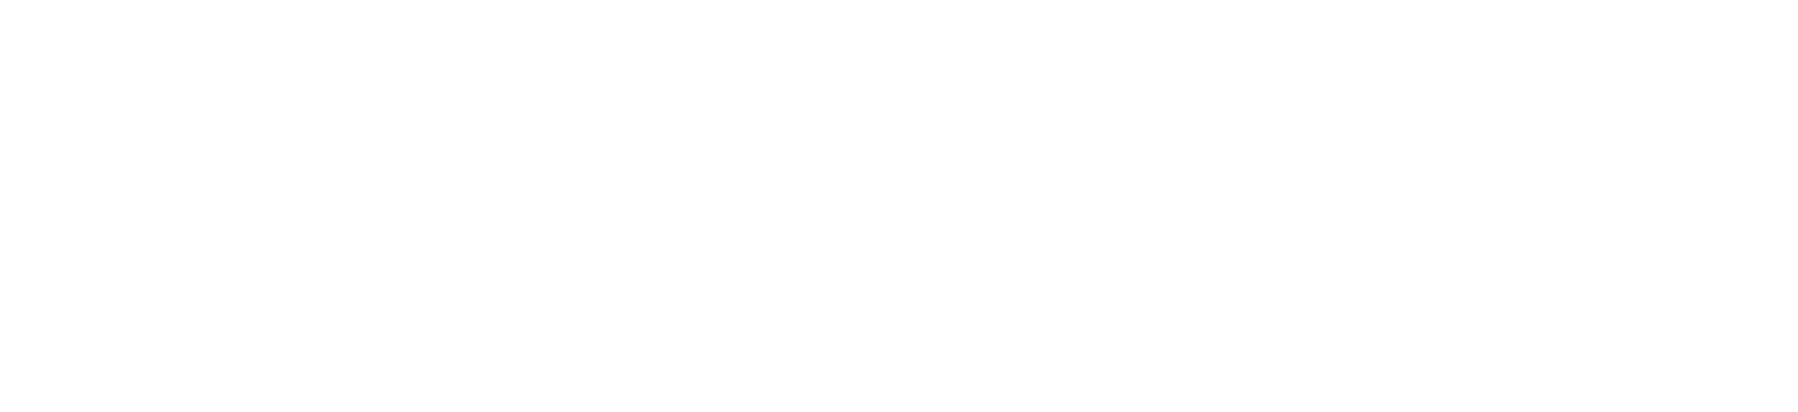 JustBuild Windows & Doors